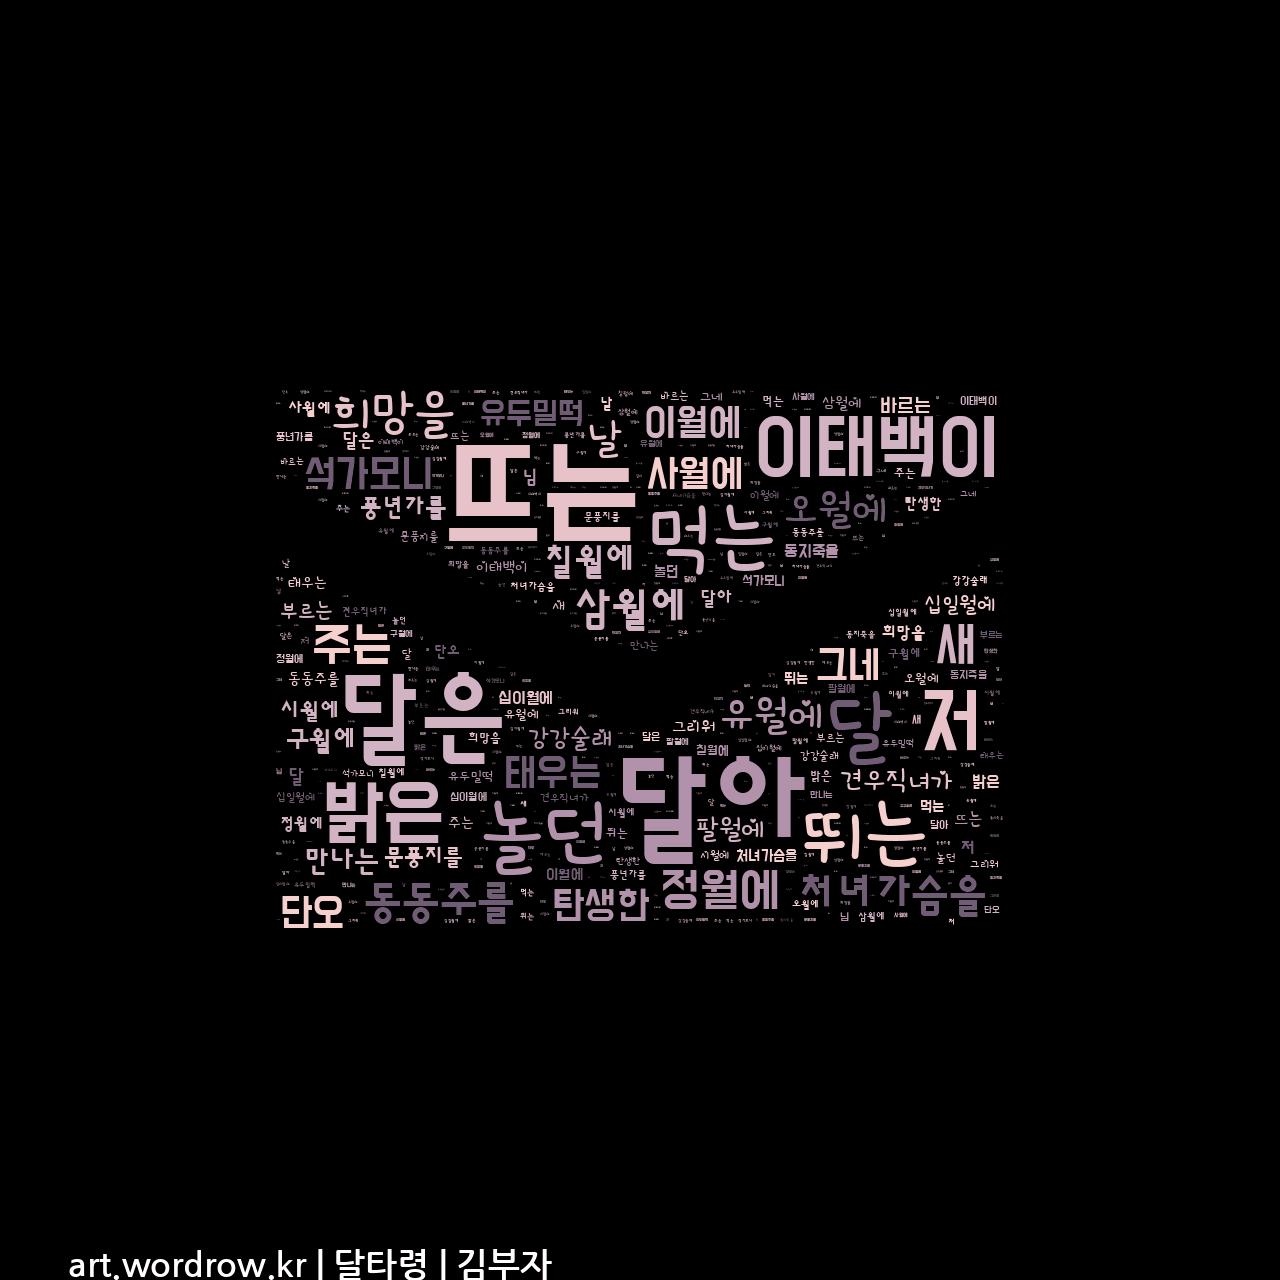 워드 클라우드: 달타령 [김부자]-37